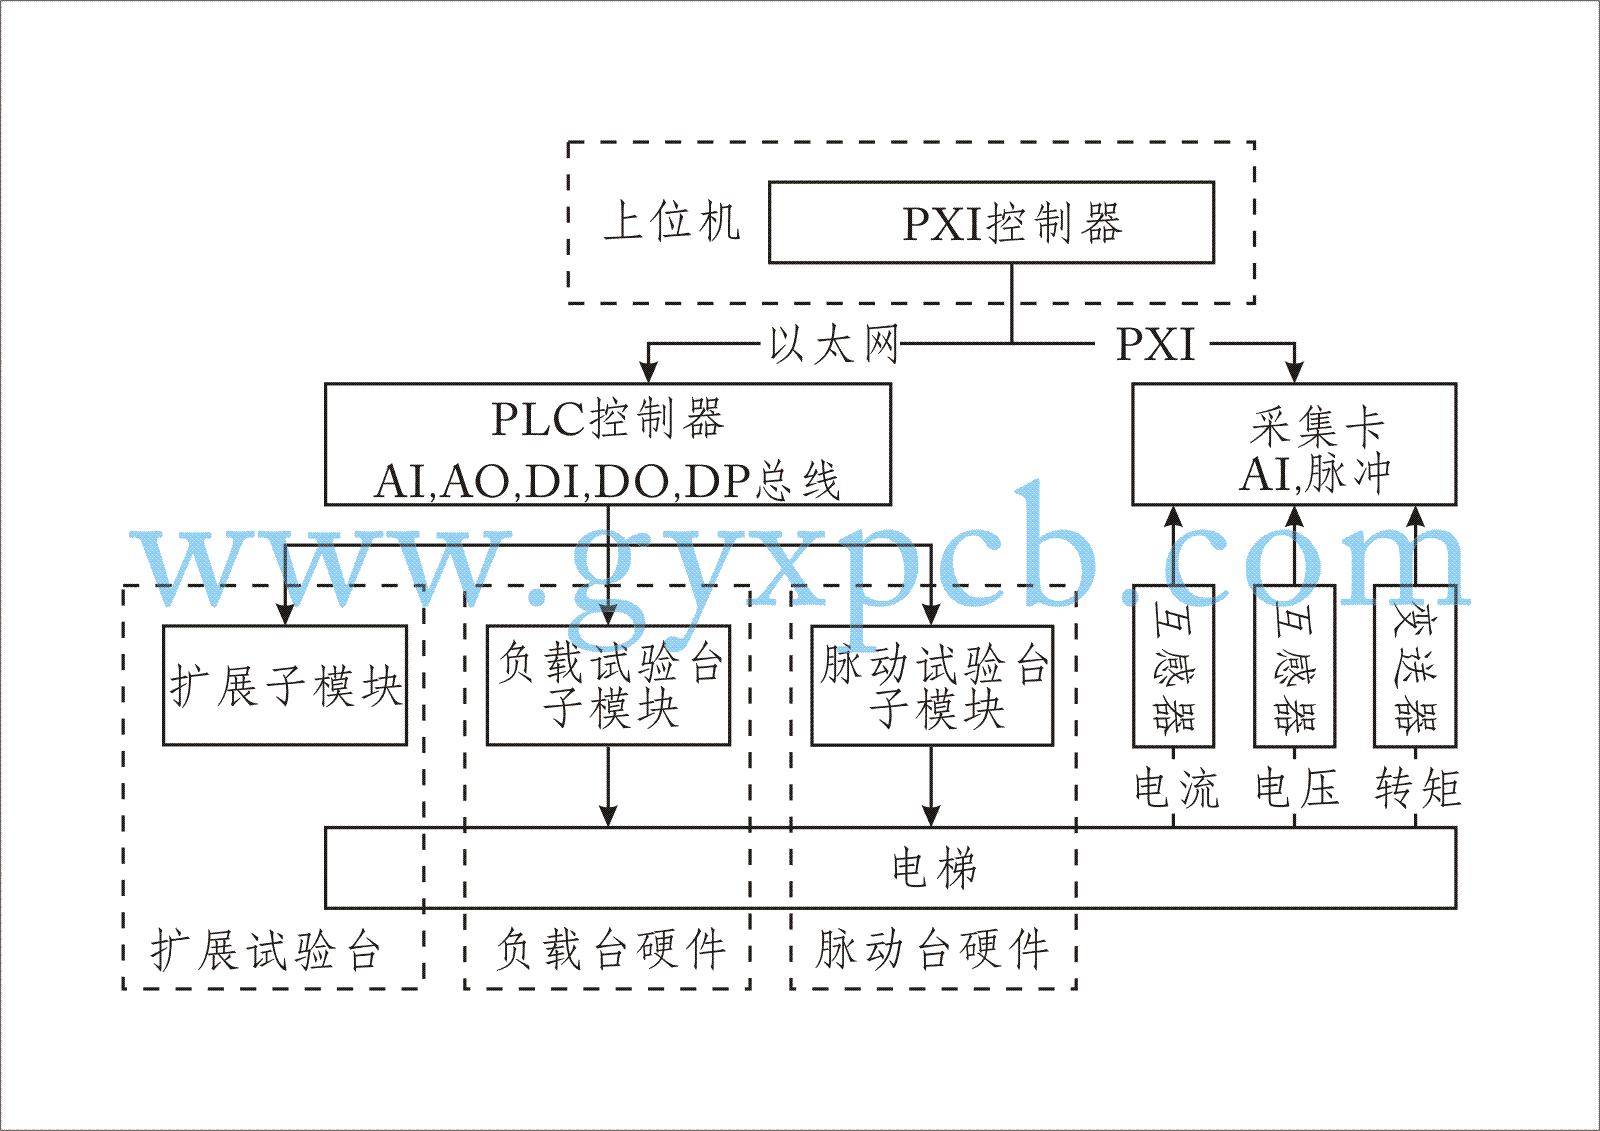 基于PXI控制器的电梯曳引机检测方案,既能提高系统的自动化程度,又能充分利用计算机的运算、处理、储存优势,解决人工管理繁杂问题。给电梯曳引机检测工作带来极大的扩展性,降低了测试成本。 测试系统结构 从整体功能上可将测试系统分为测量系统和控制系统2部分。测试系统的结构组成如图  测量系统以虚拟仪器技术为核心,由PXI控制器、采集卡和互感器组成,主要完成测试过程的信号测量、数据处理等功能;控制系统由PLC、负载试验台子模块、脉动试验台子模块以及扩展子模块组成,主要完成设备状态监视、设备控制等功能。负载试验台